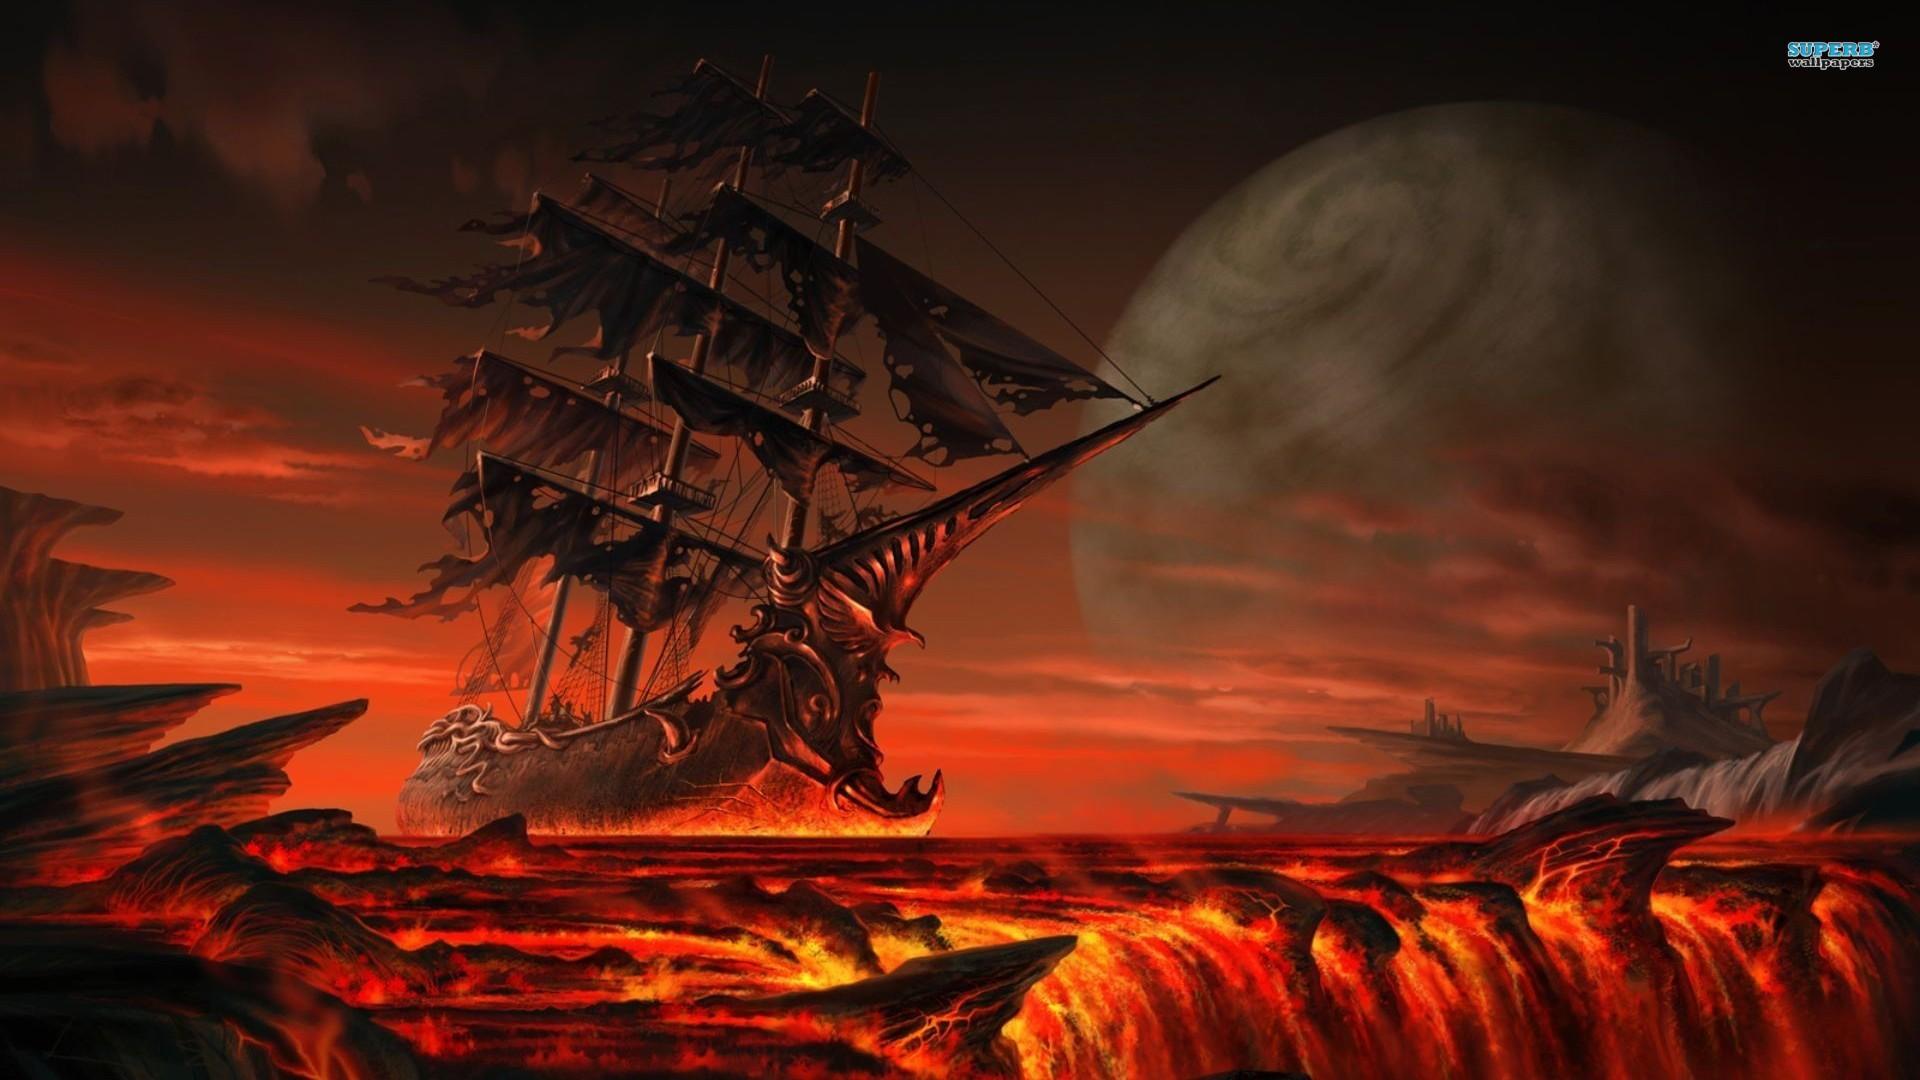 Fantasy Lava Wallpaper 25757 1920x1200 px